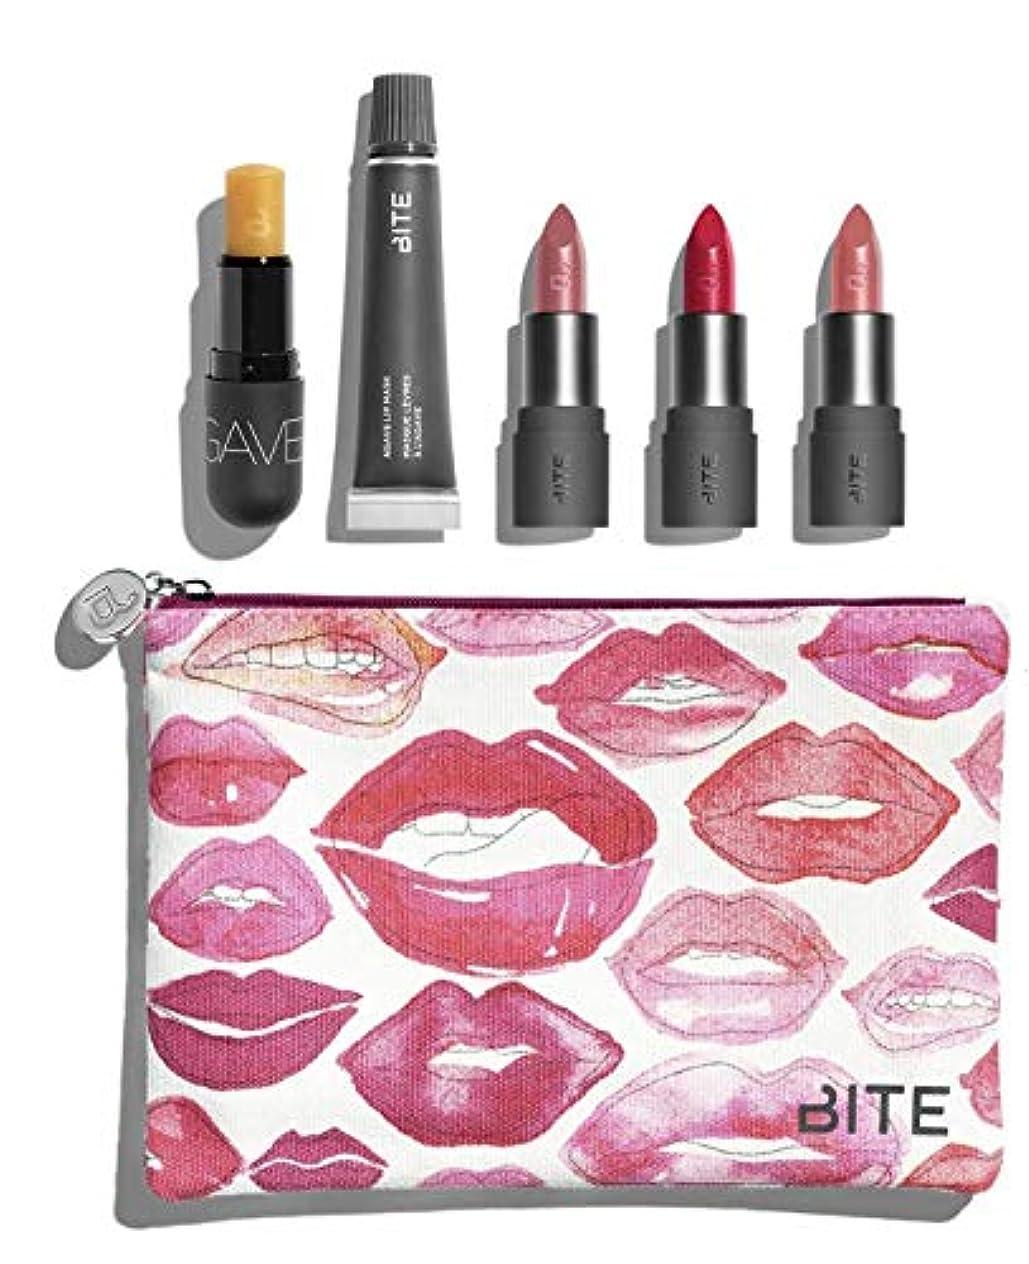 安心させるデッキ気をつけてバイト ビューティー リップセット ポーチ付き Bite Beauty Kiss 'N Fly Lip Care & Lipstick Set マスカラ アイライナー アイブロー メイクアップ